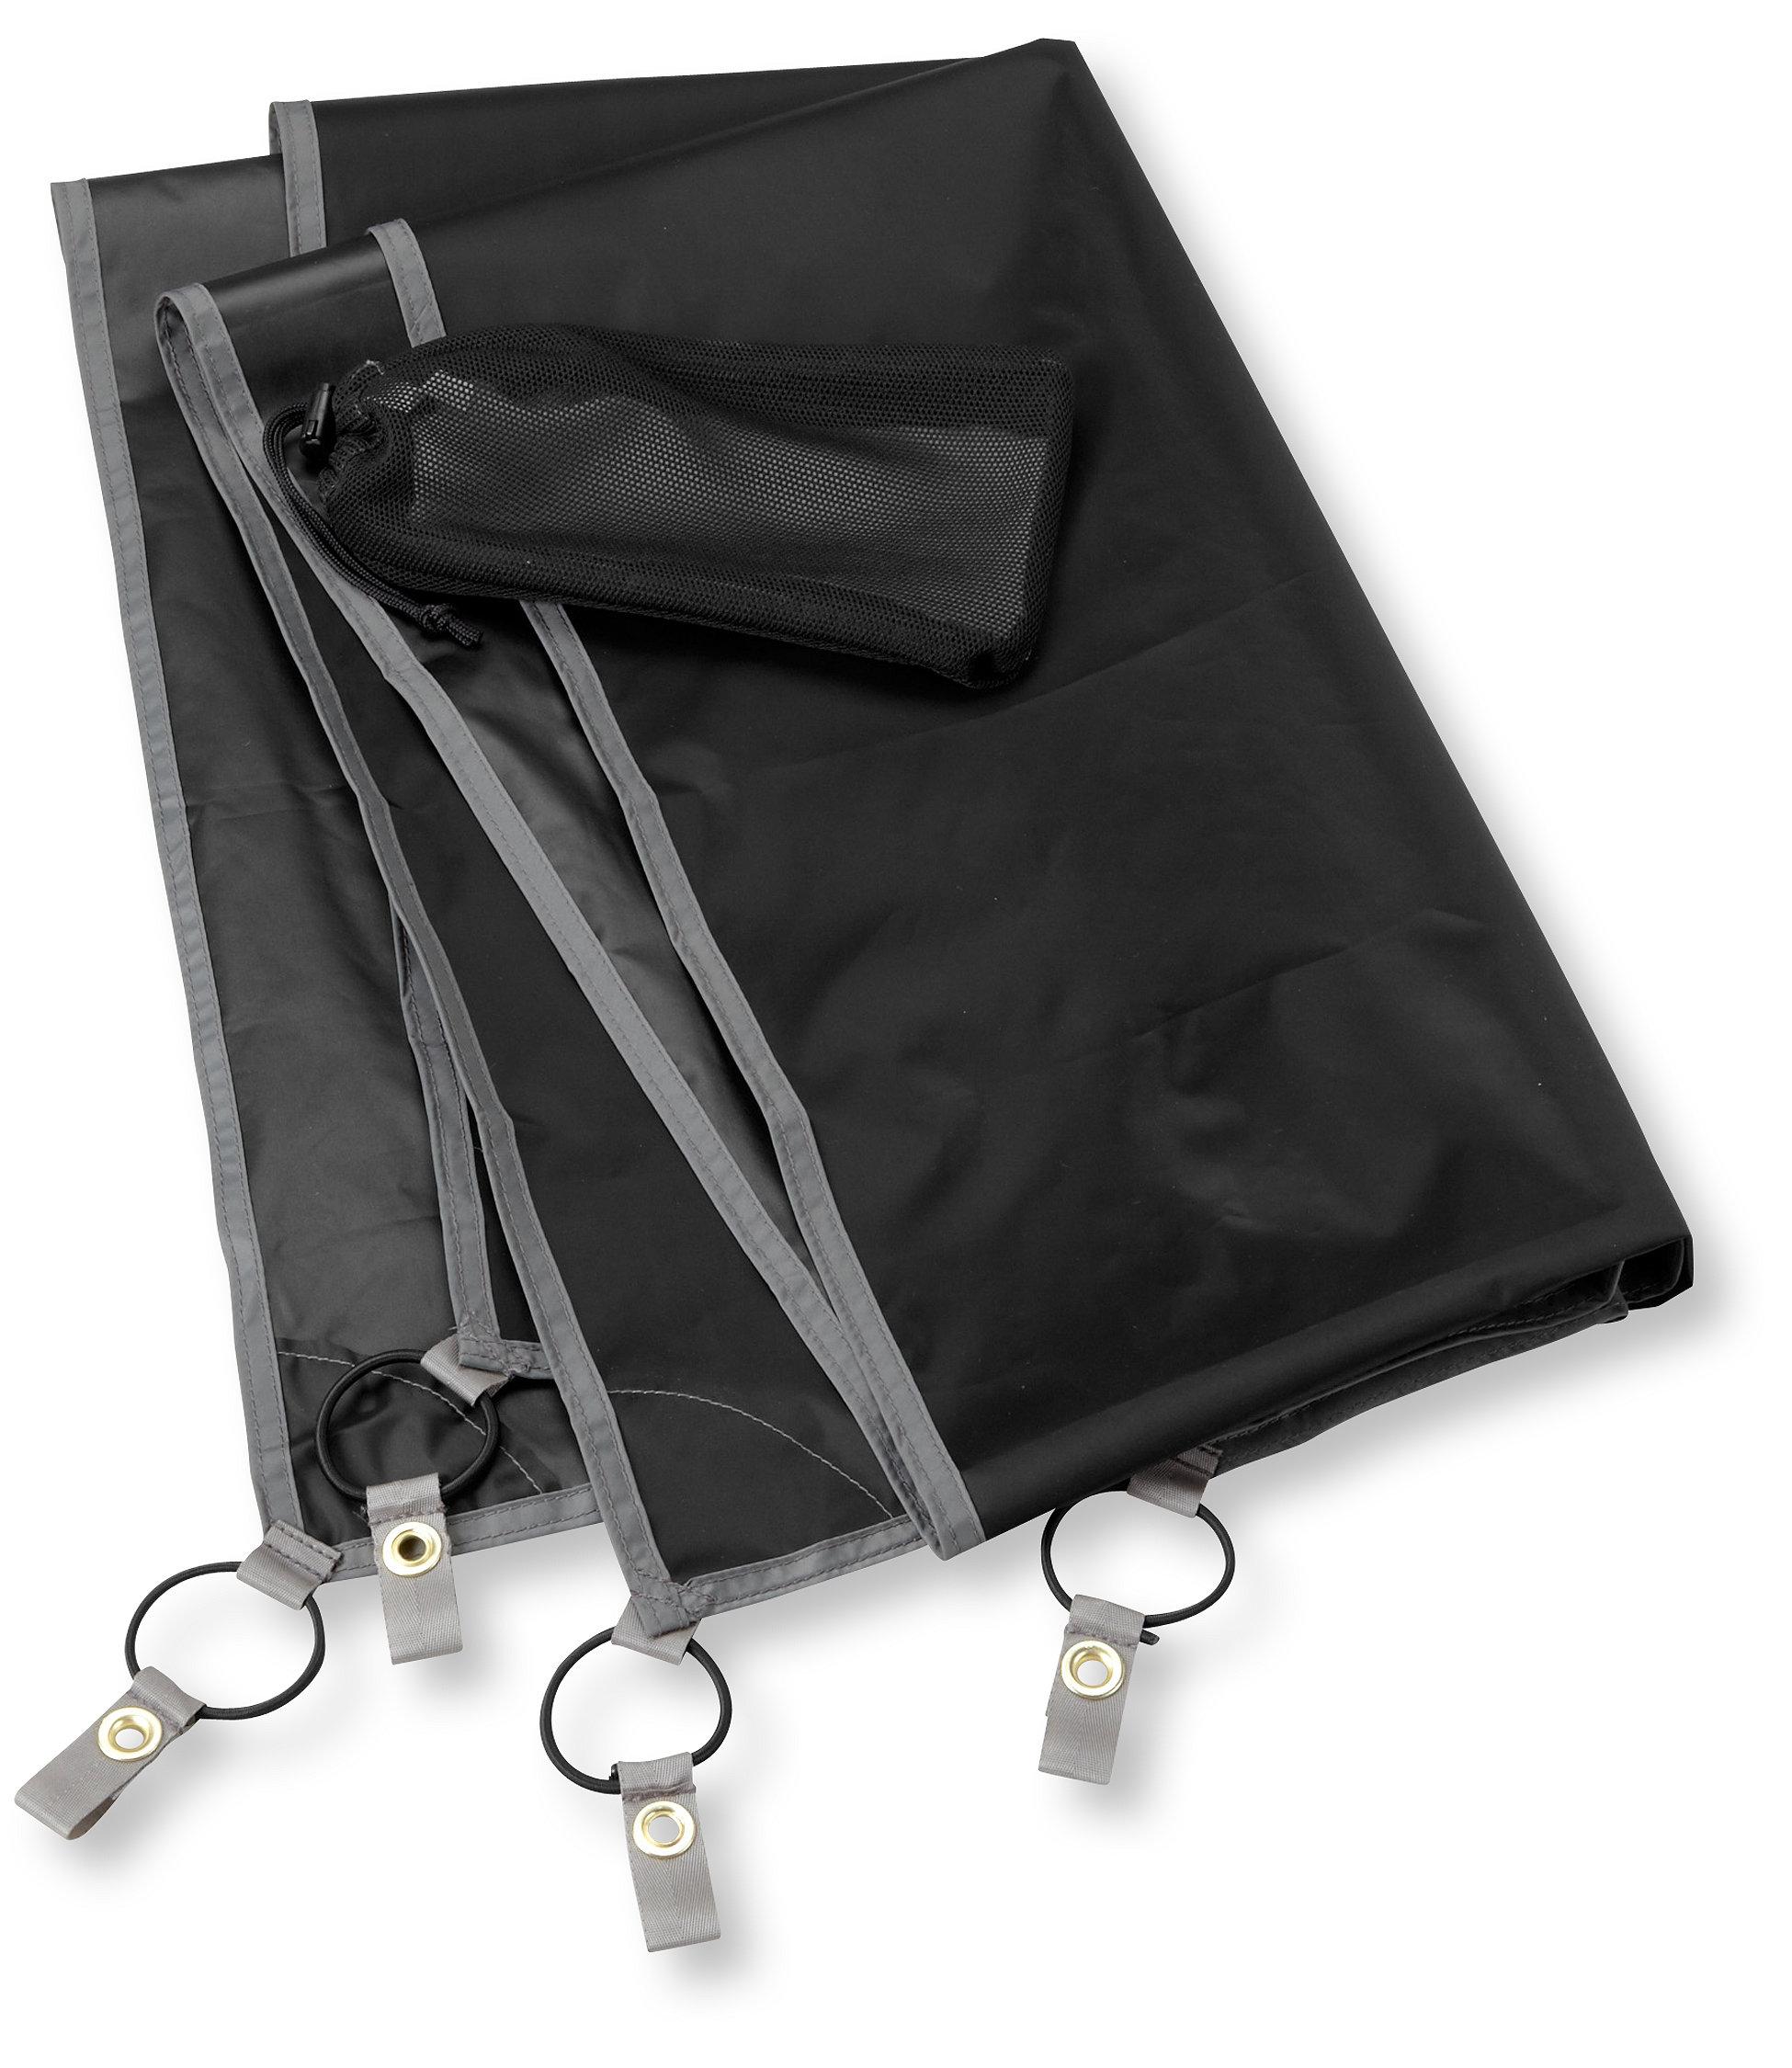 L.L.Bean Microlight FS 2-Person Backpacking Tent, Footprint